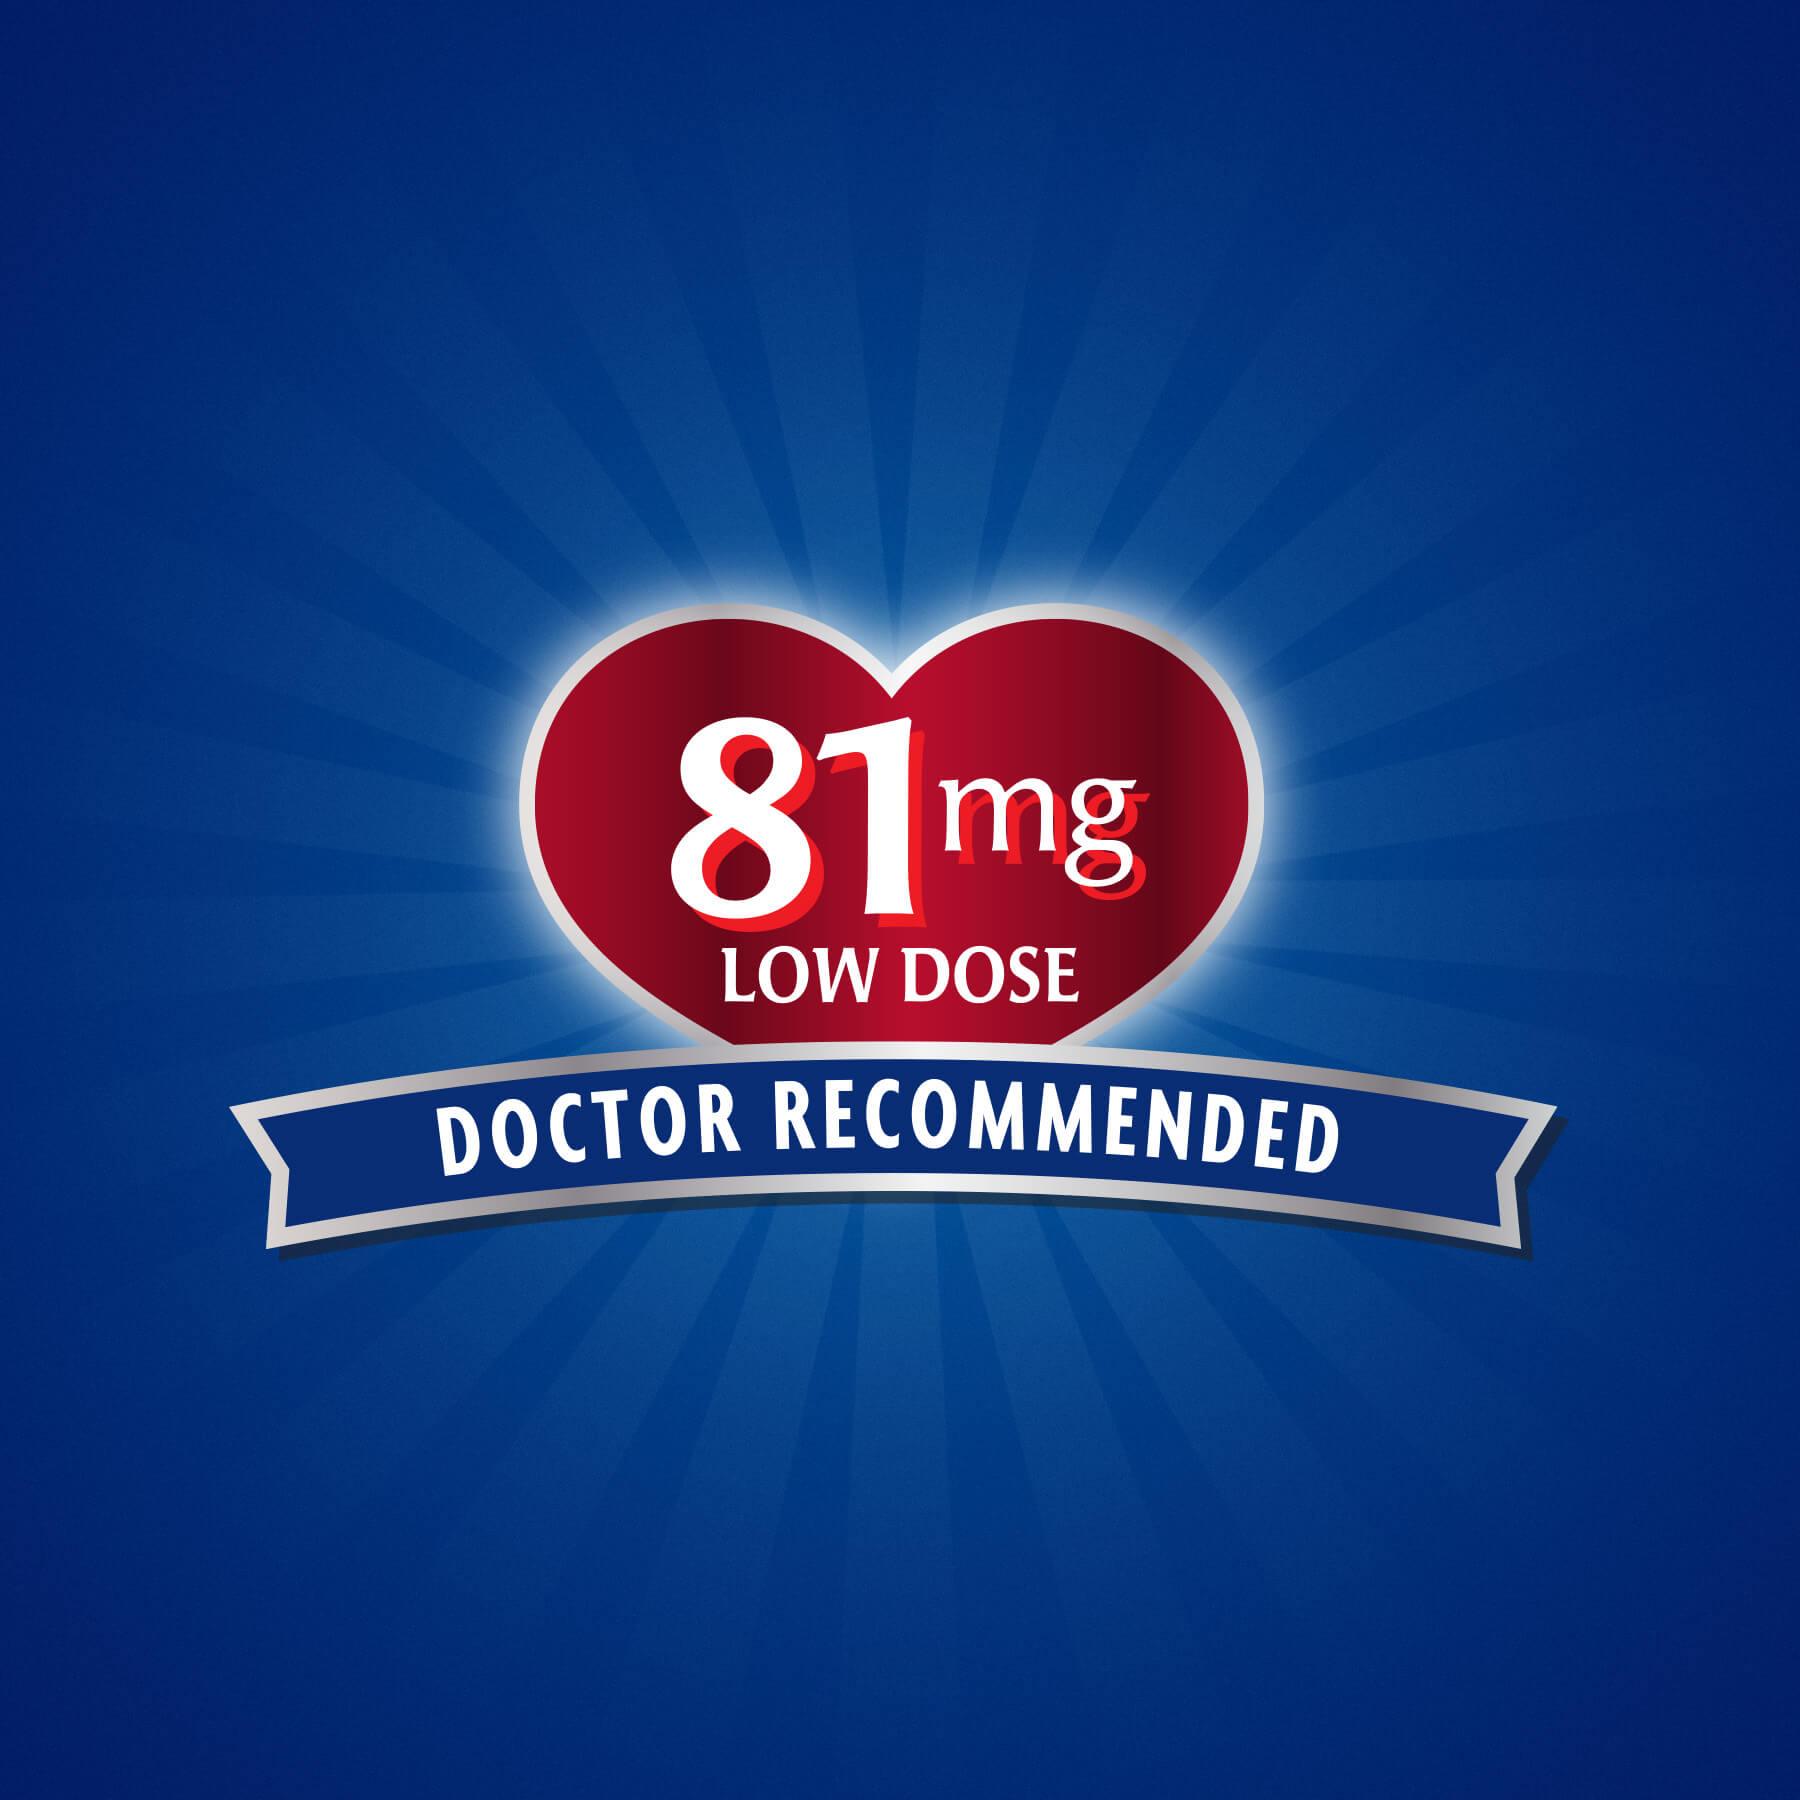 St. Joseph Aspirin Doctor Recommended